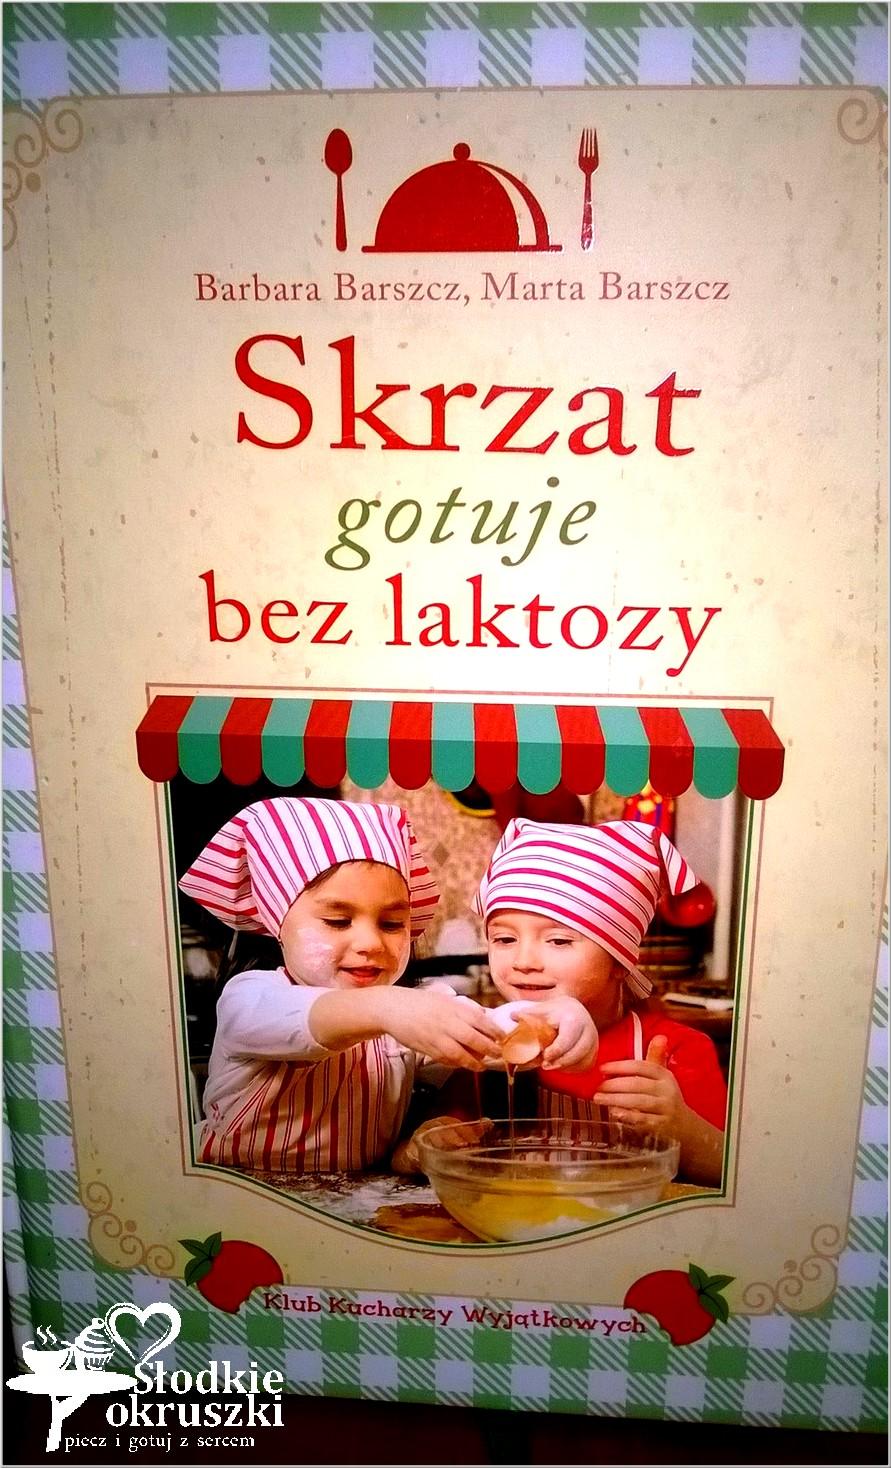 Skrzat gotuje bez laktozy Wyd. Skrzat. Recenzja książki.